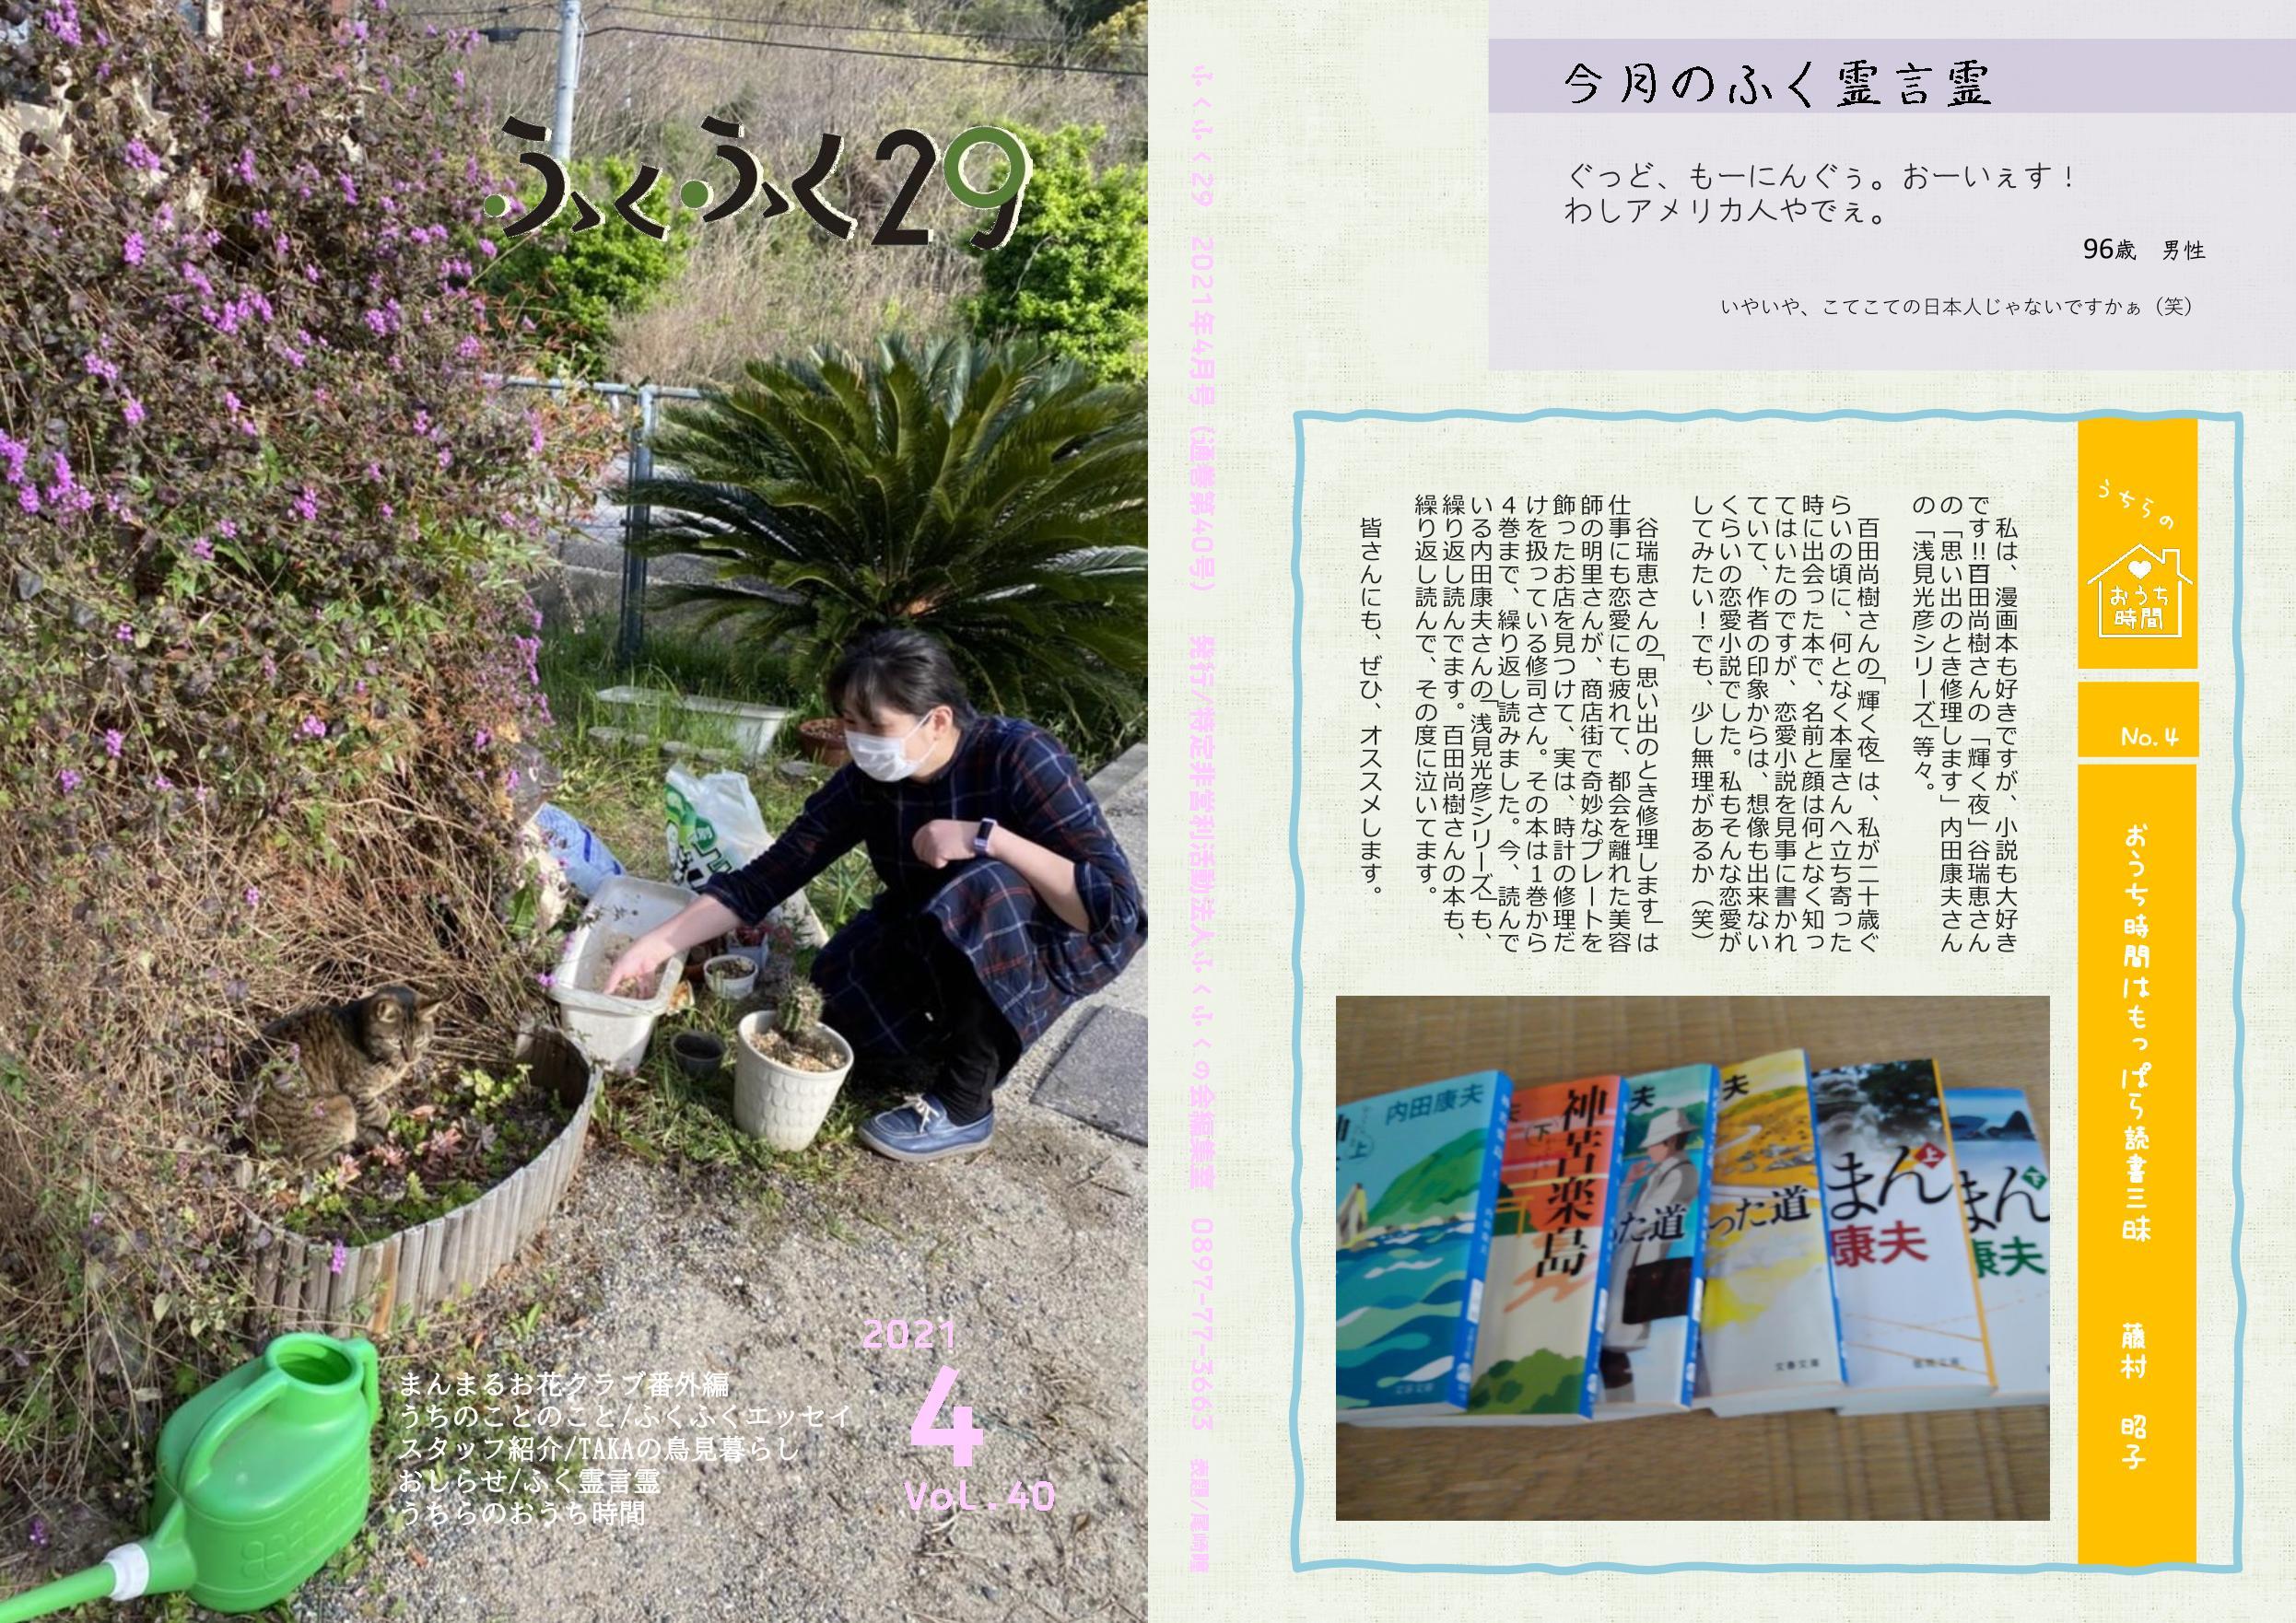 http://fukufukunokai.com/newsletter/images/4%E6%9C%88%E5%8F%B7_cropped_120214.jpeg